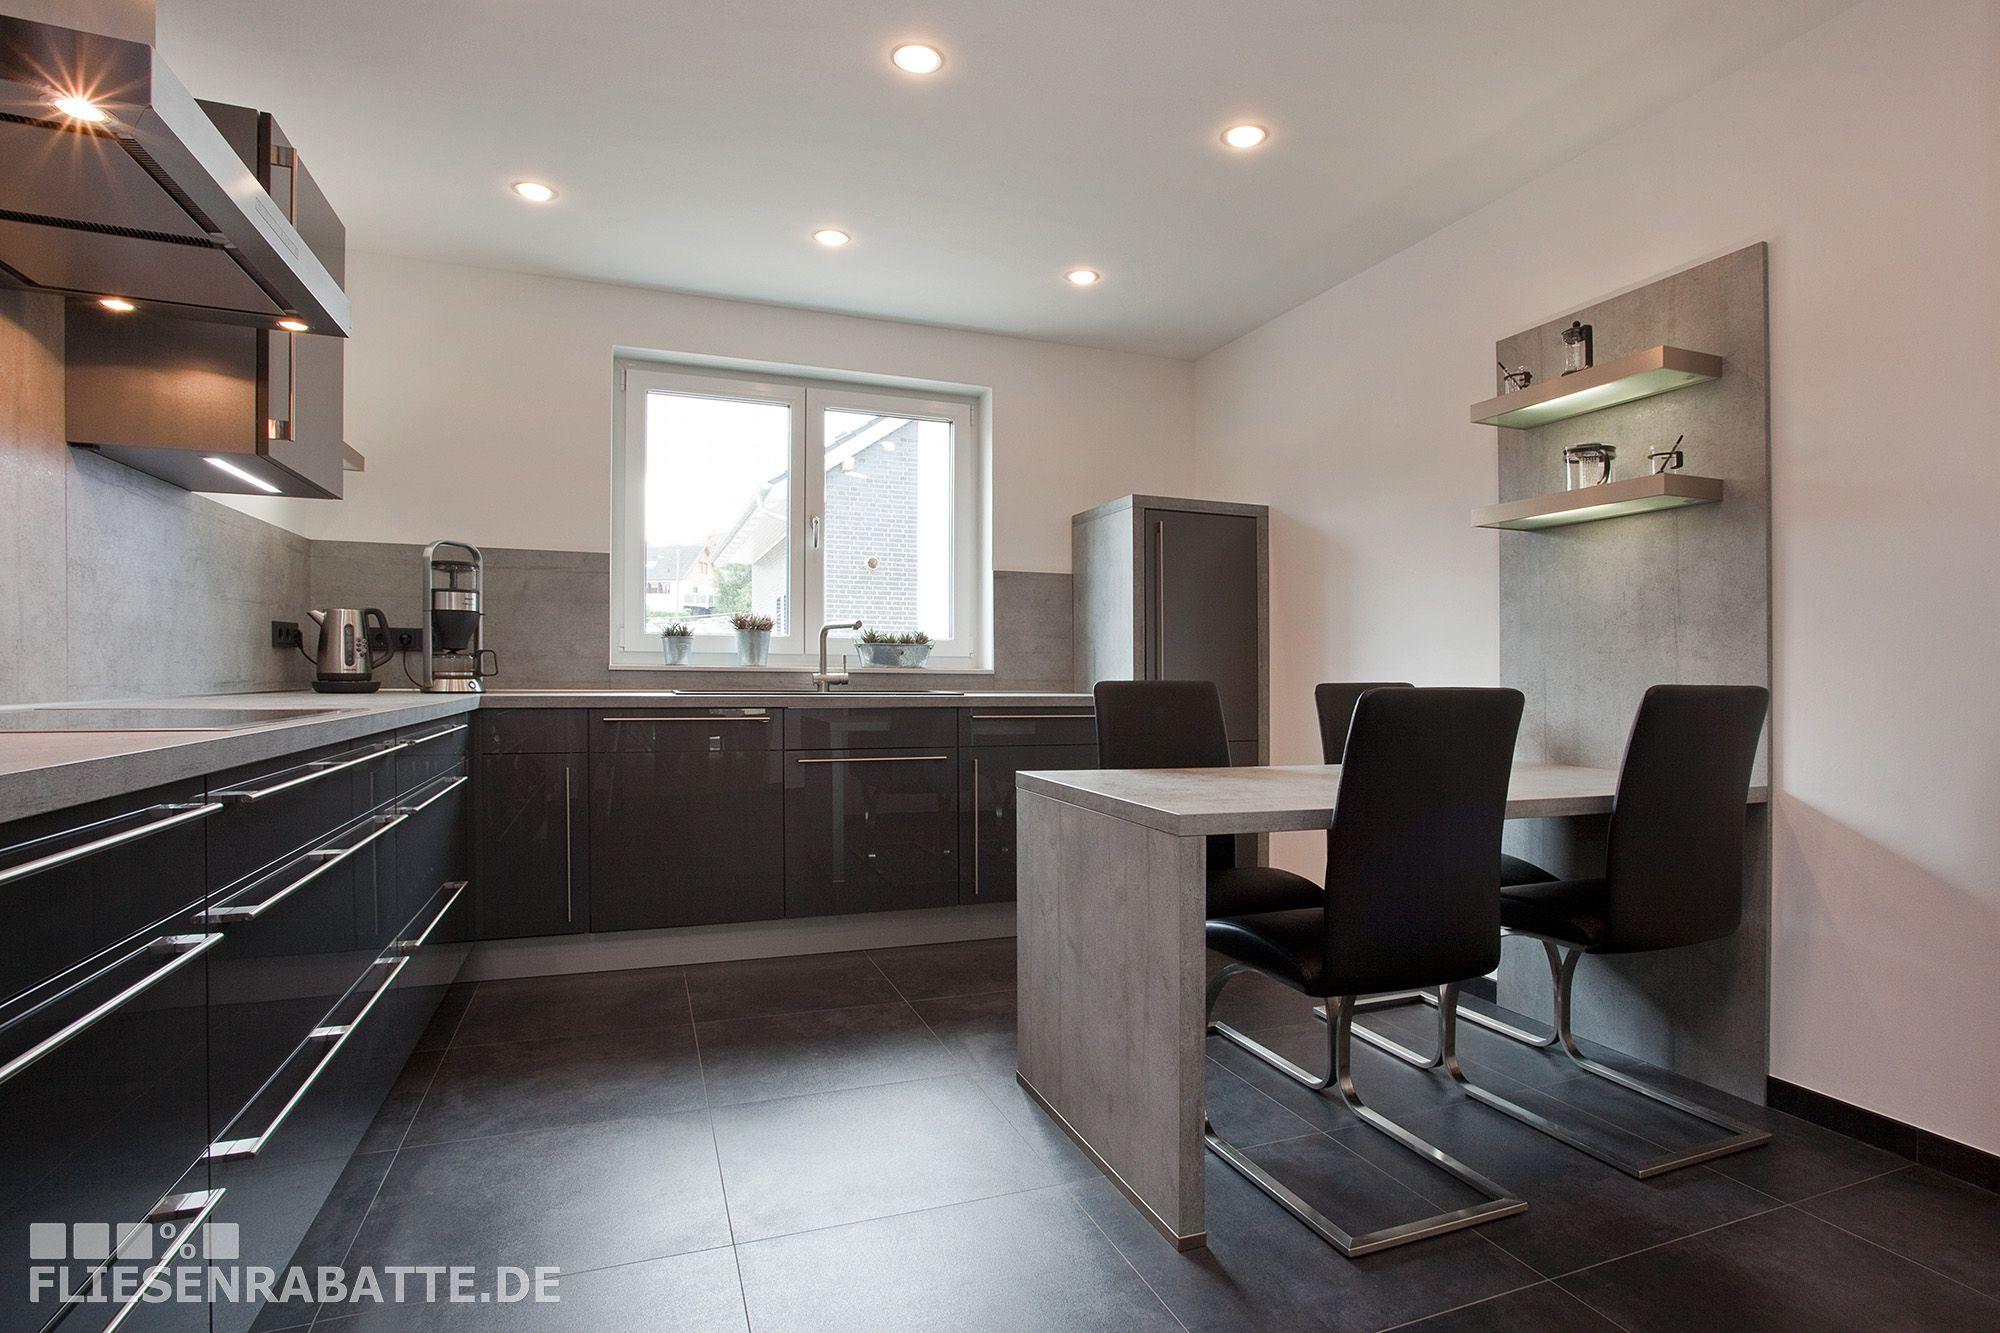 bodenfliesen k che farblich abgestimmt zu den. Black Bedroom Furniture Sets. Home Design Ideas